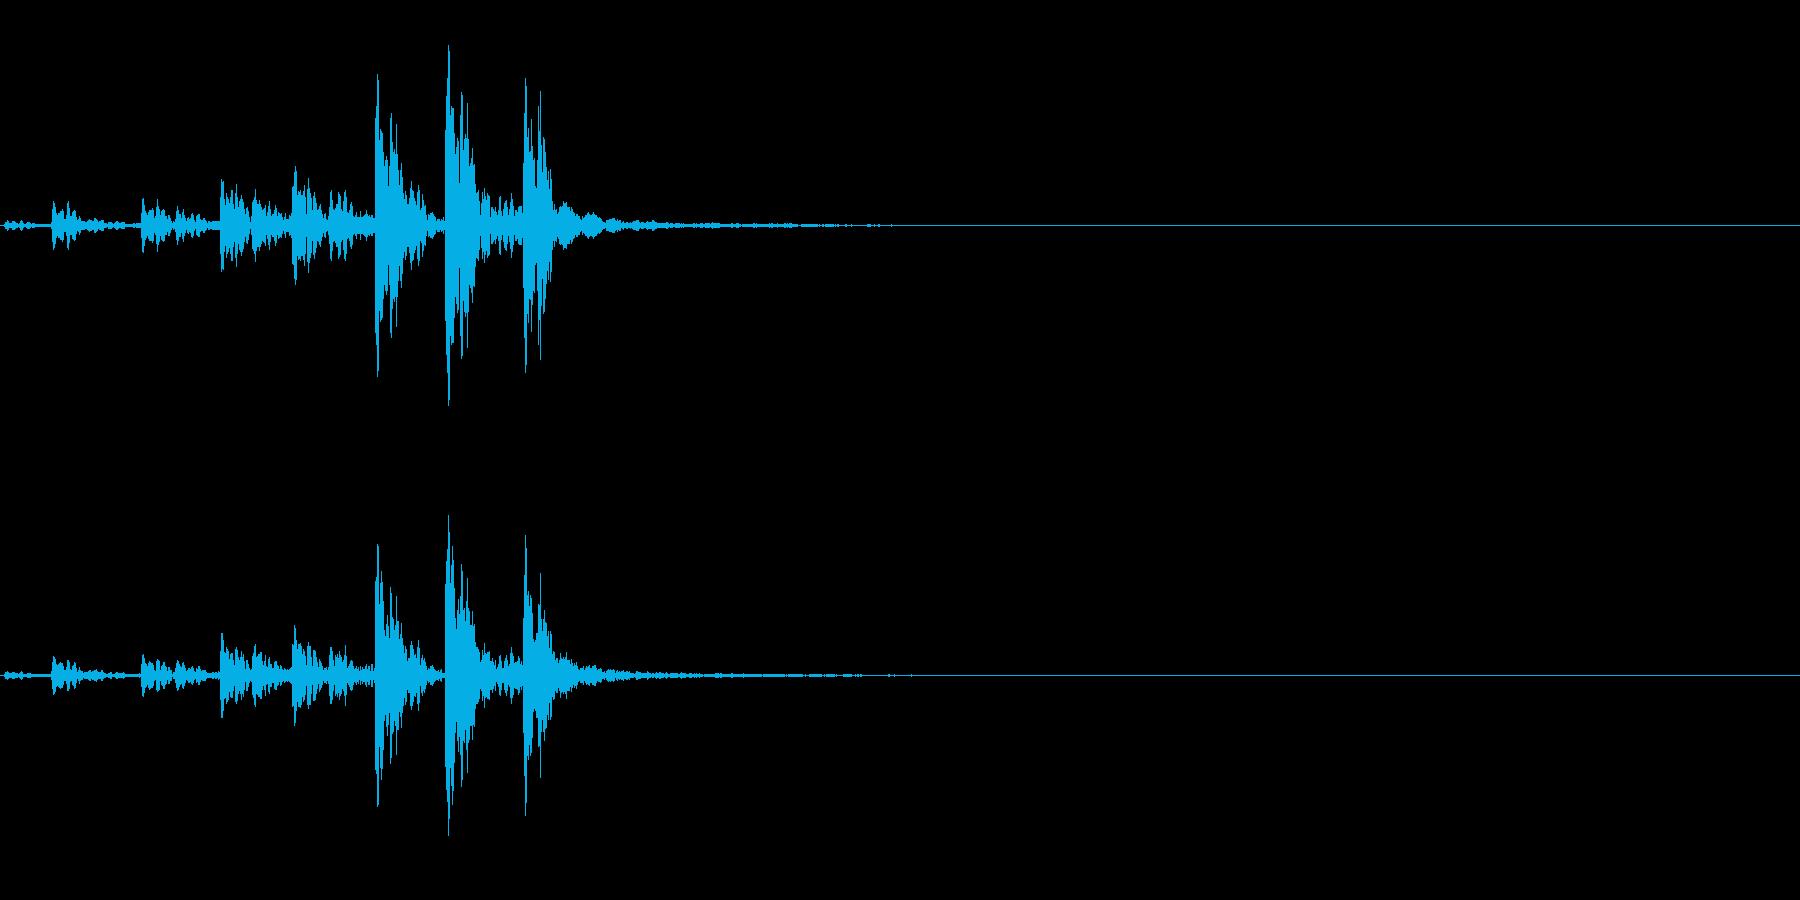 相撲などの触れ太鼓「大拍子」連続音2FXの再生済みの波形